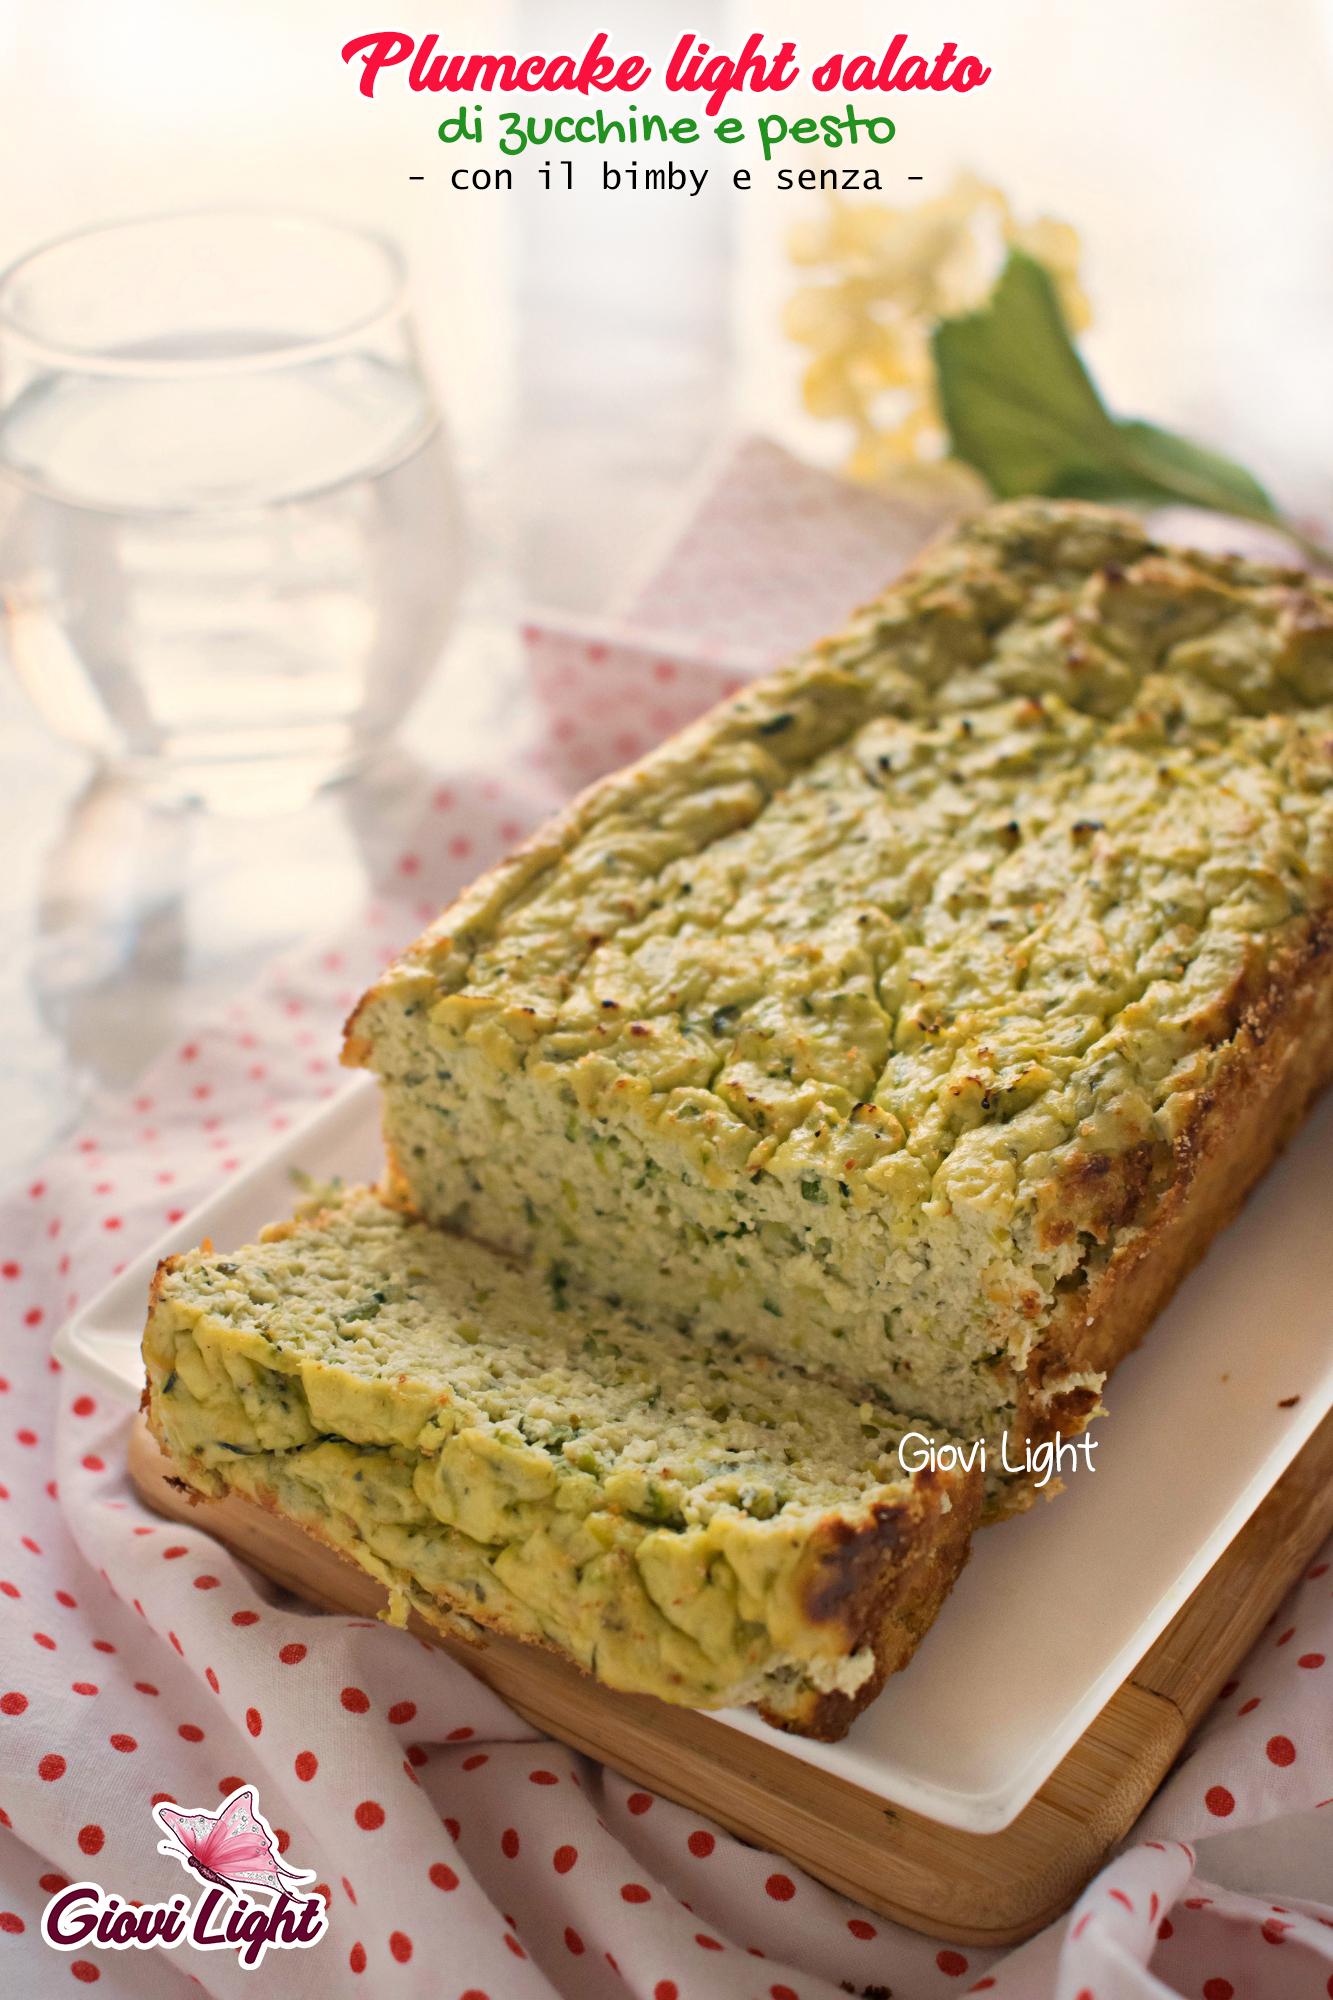 Plumcake light salato di zucchine e pesto - con il bimby e senza